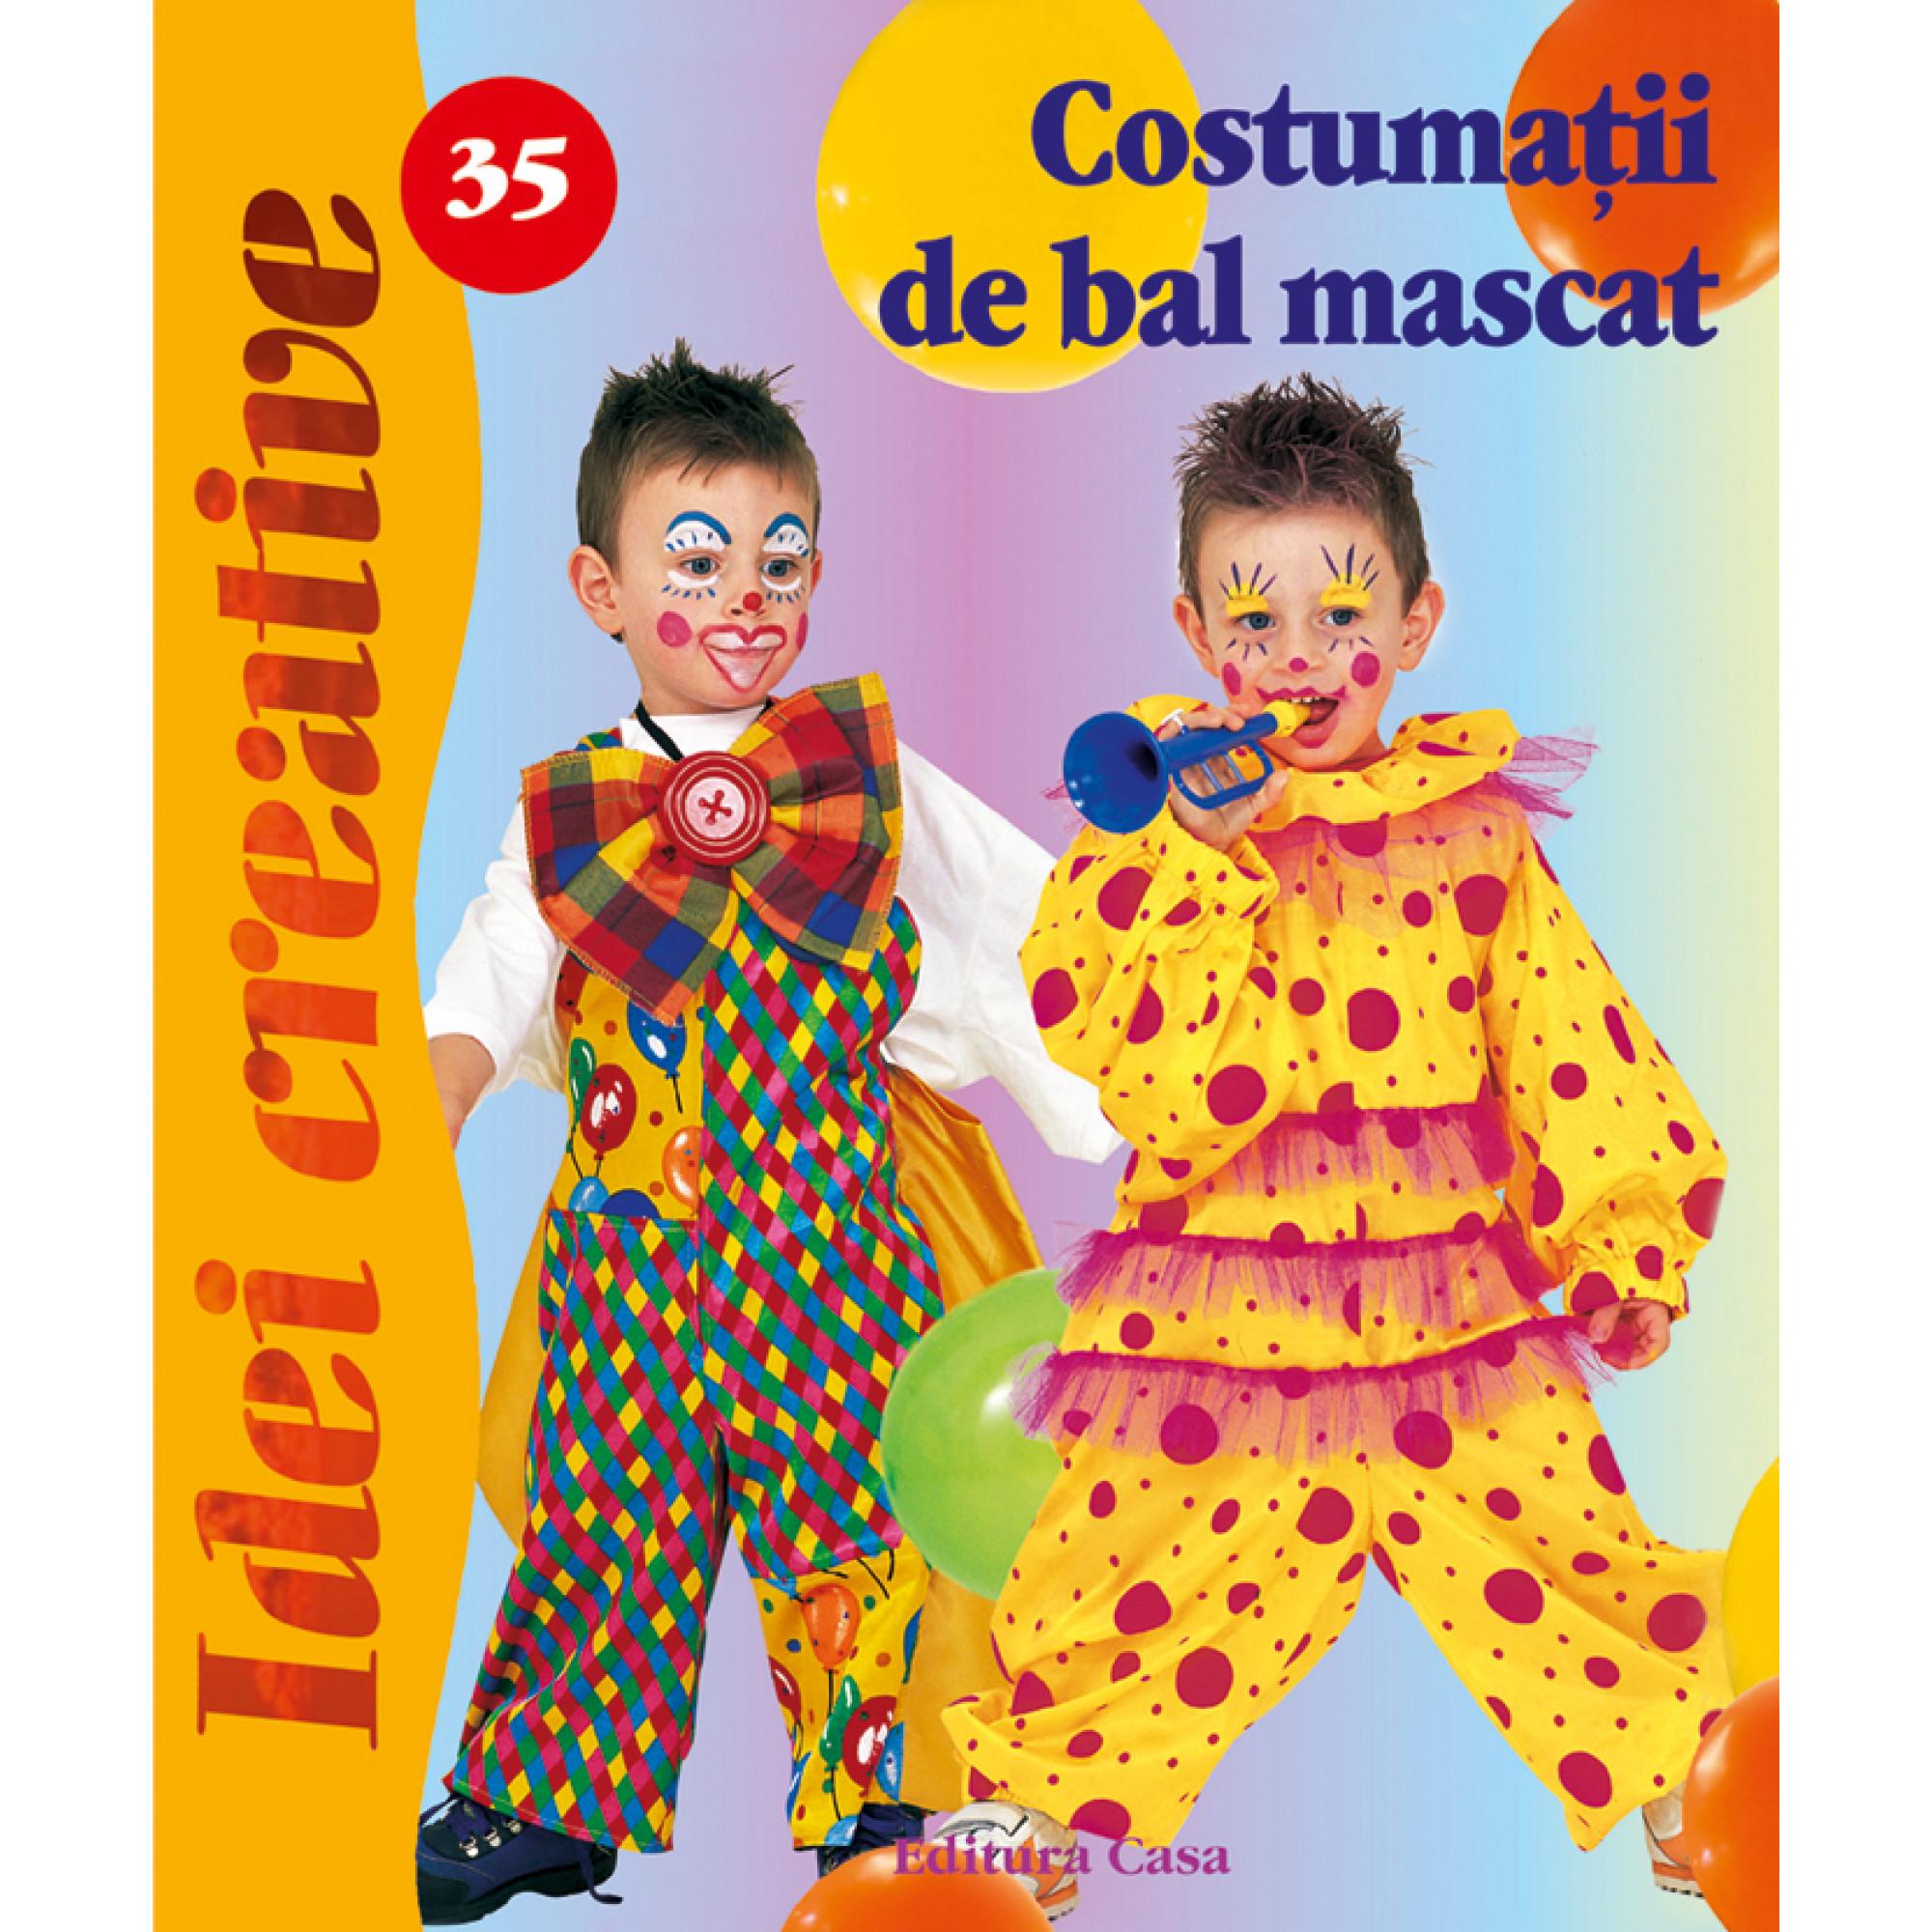 Costumaţii de bal mascat; Red. Sorin Curţ